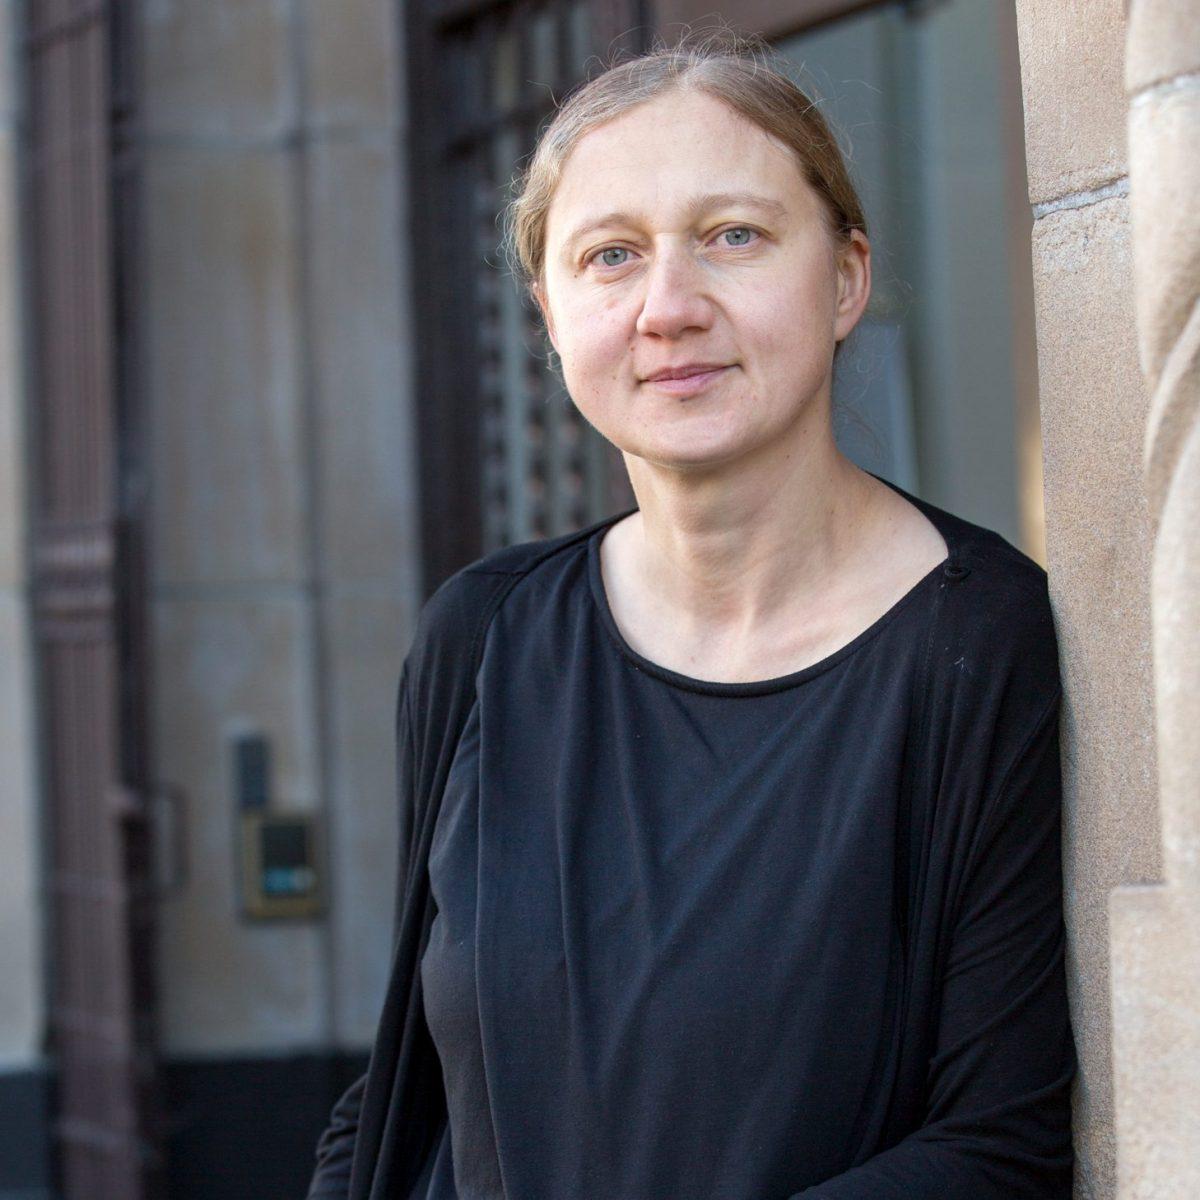 Kat Stachwicz